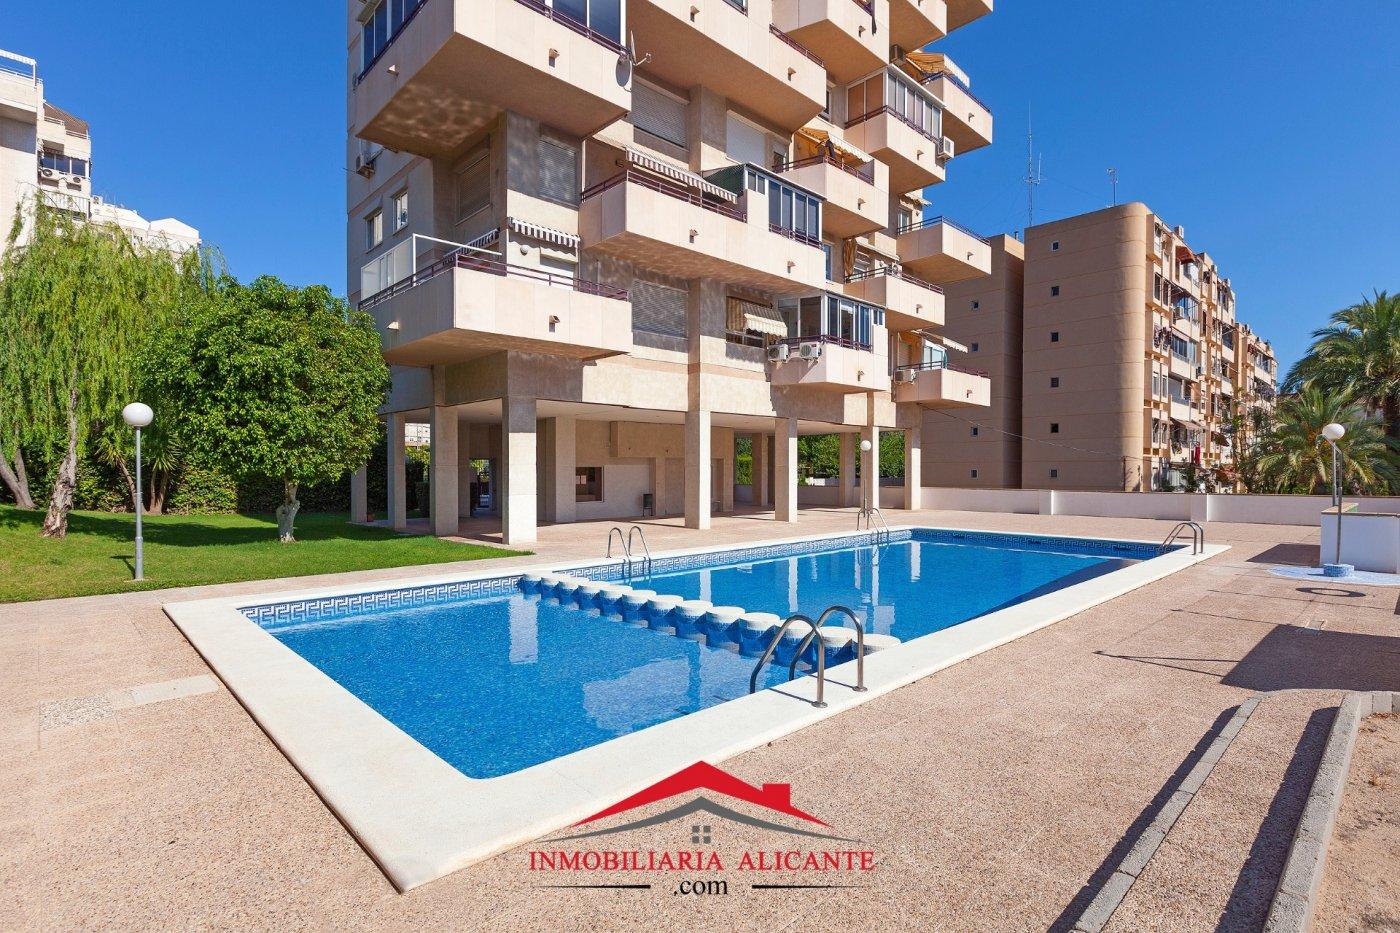 apartamento en alicante · playa-san-juan 115000€